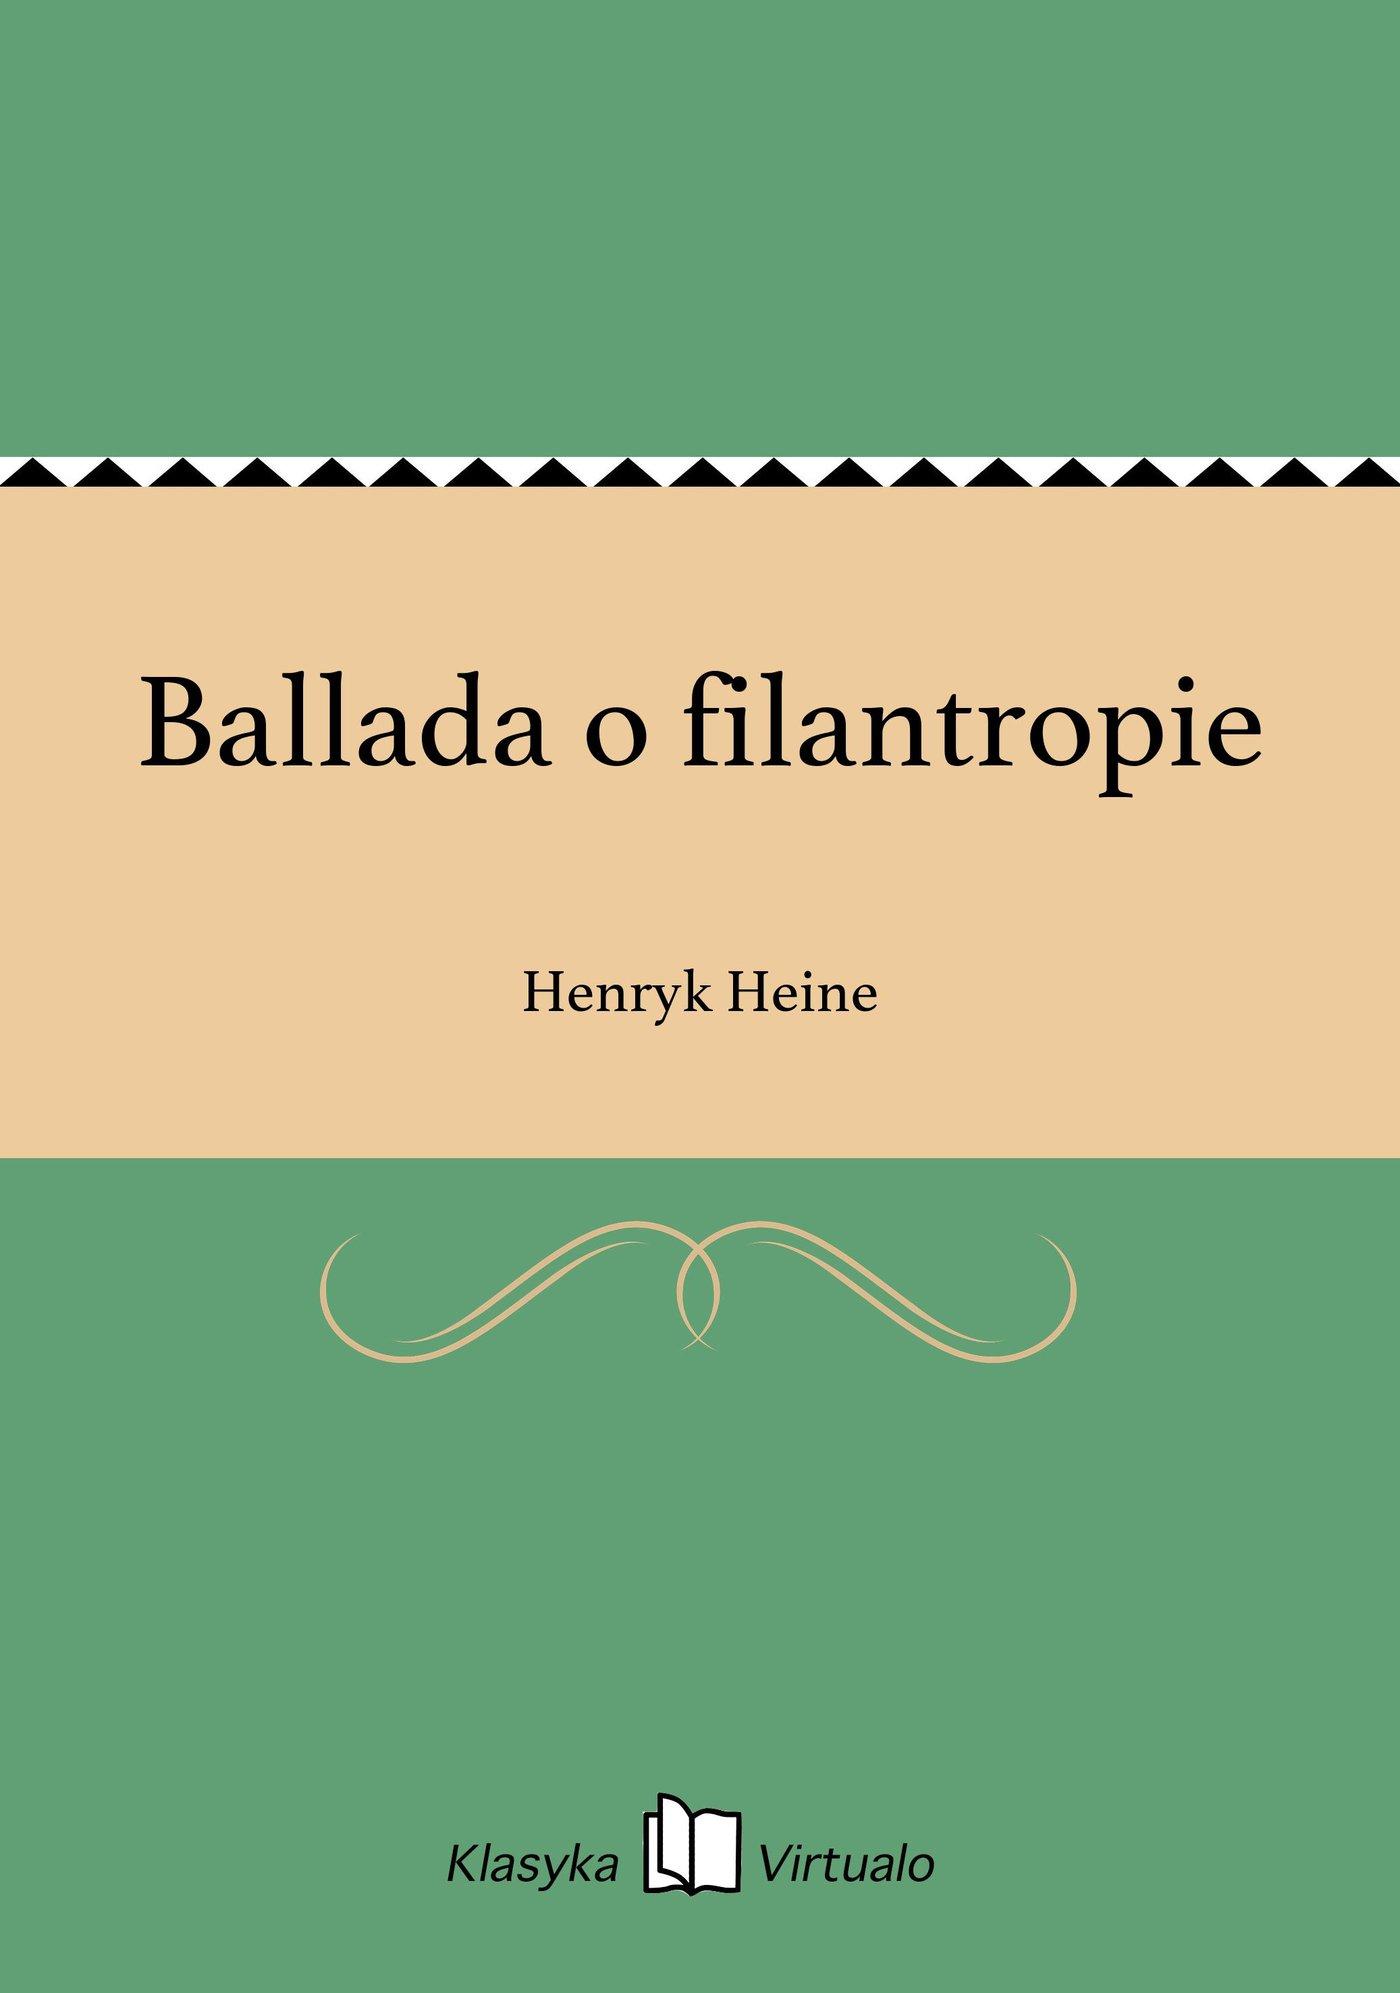 Ballada o filantropie - Ebook (Książka na Kindle) do pobrania w formacie MOBI